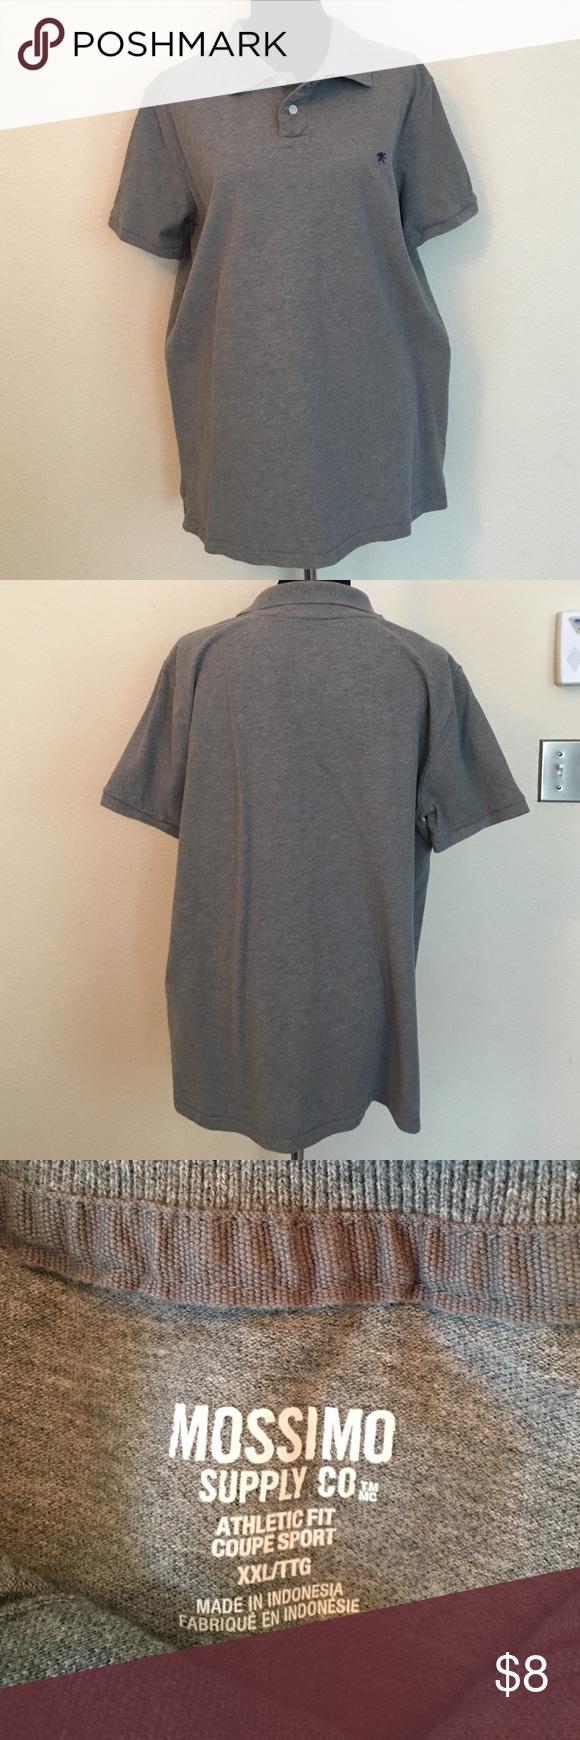 Men's- Mossimo Supply Co. polo, grey, XXL Men's- Mossimo Supply Co. polo, grey, XXL Mossimo Supply Co. Shirts Polos